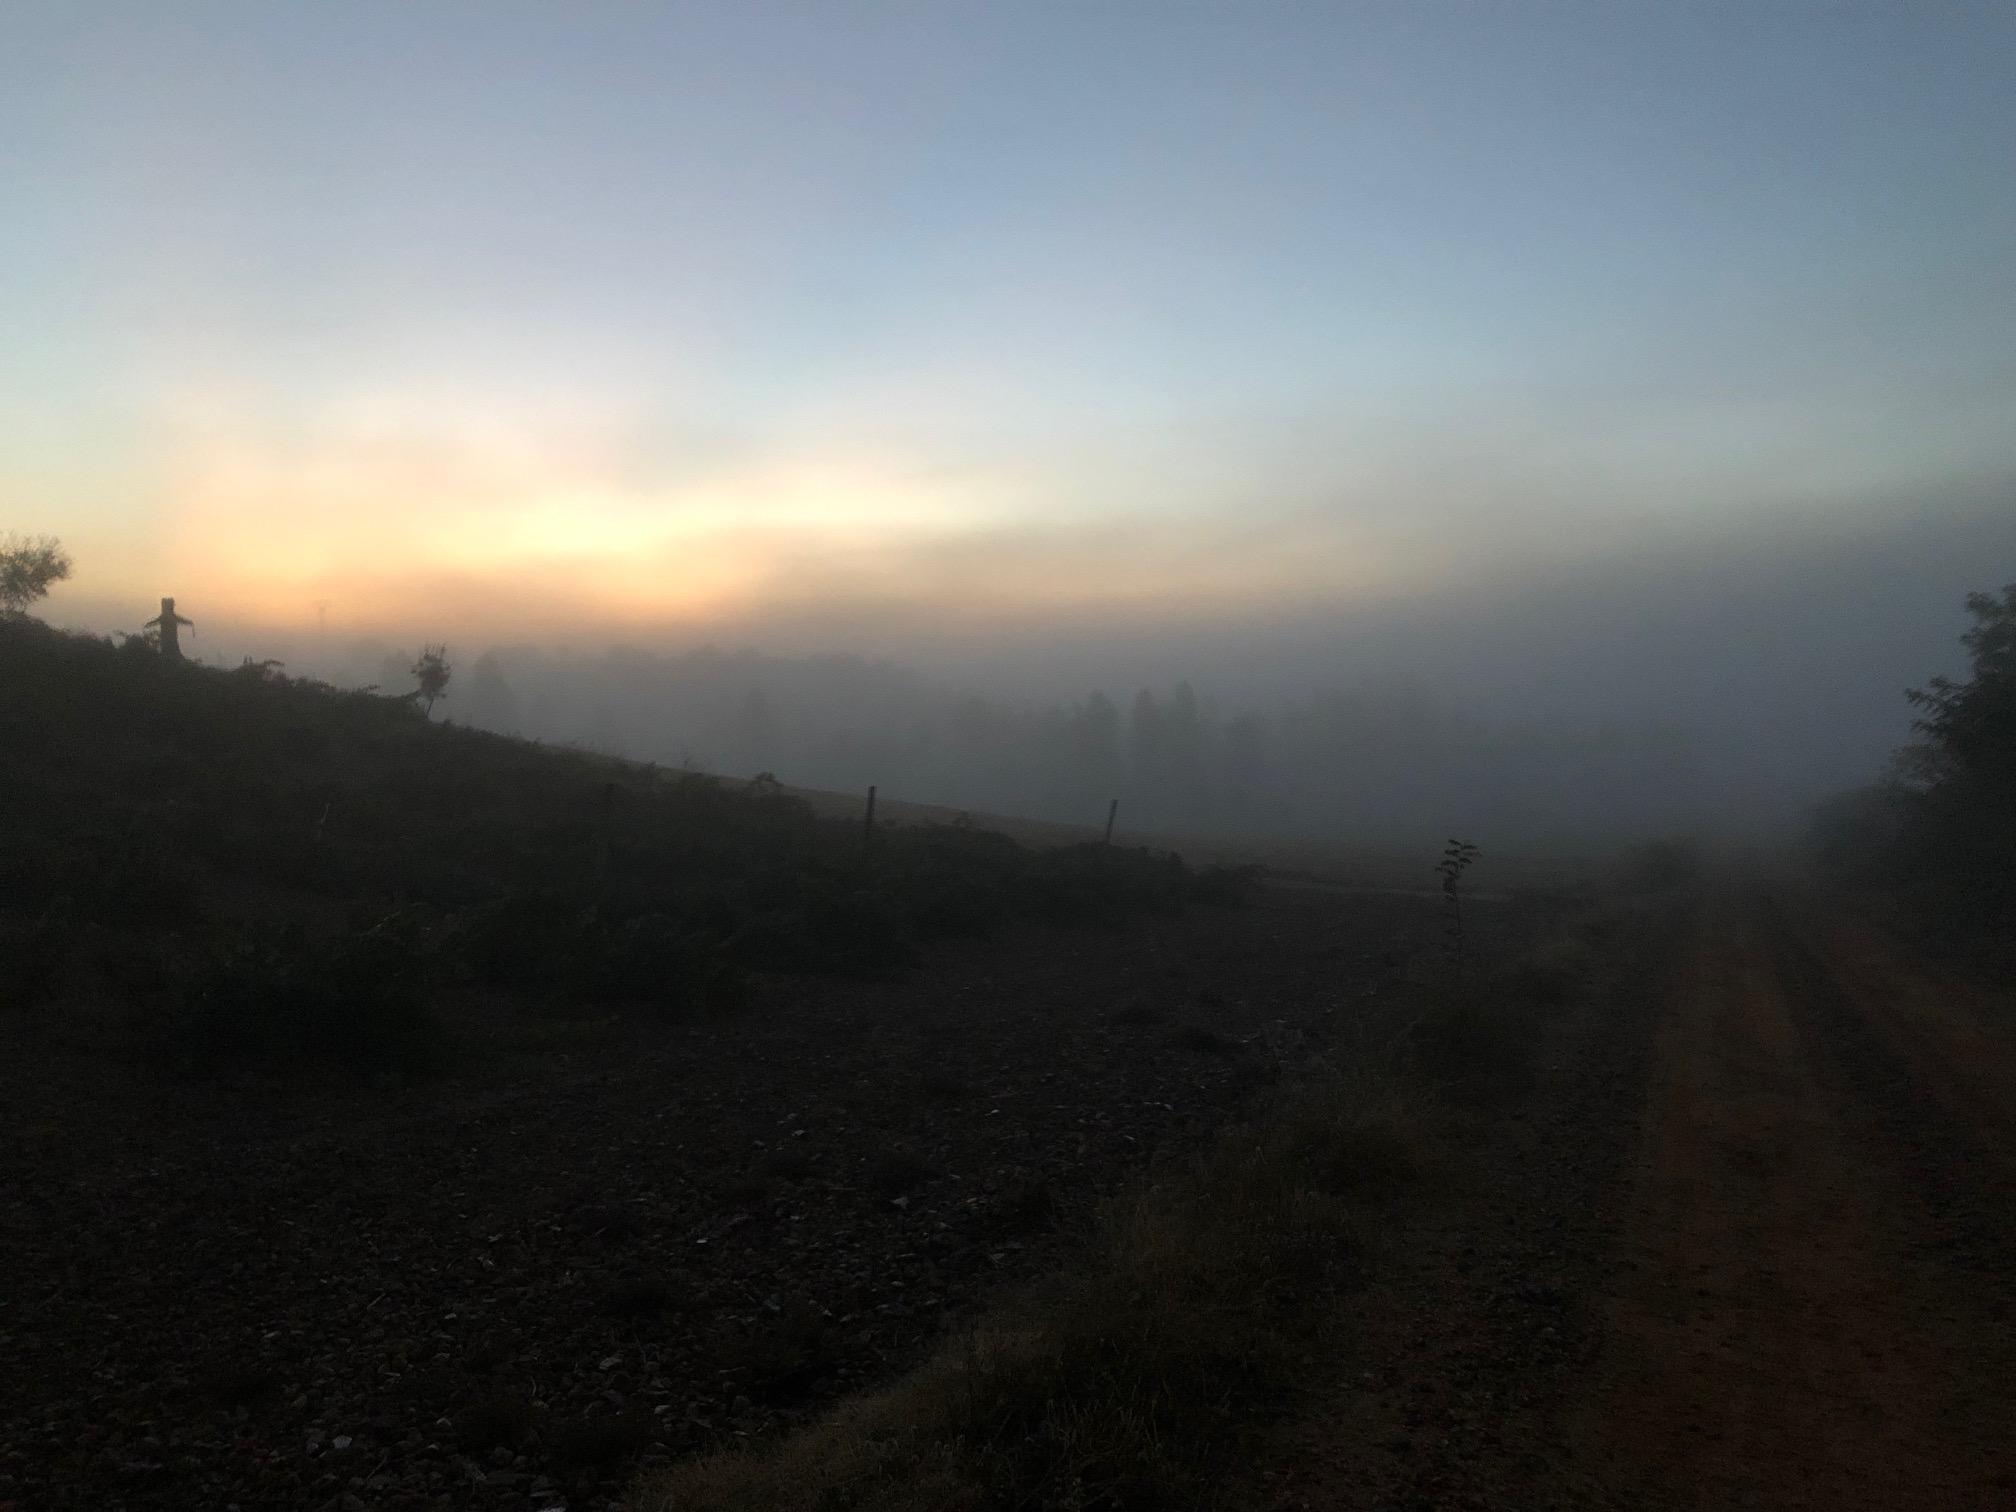 The village shrouded in fog